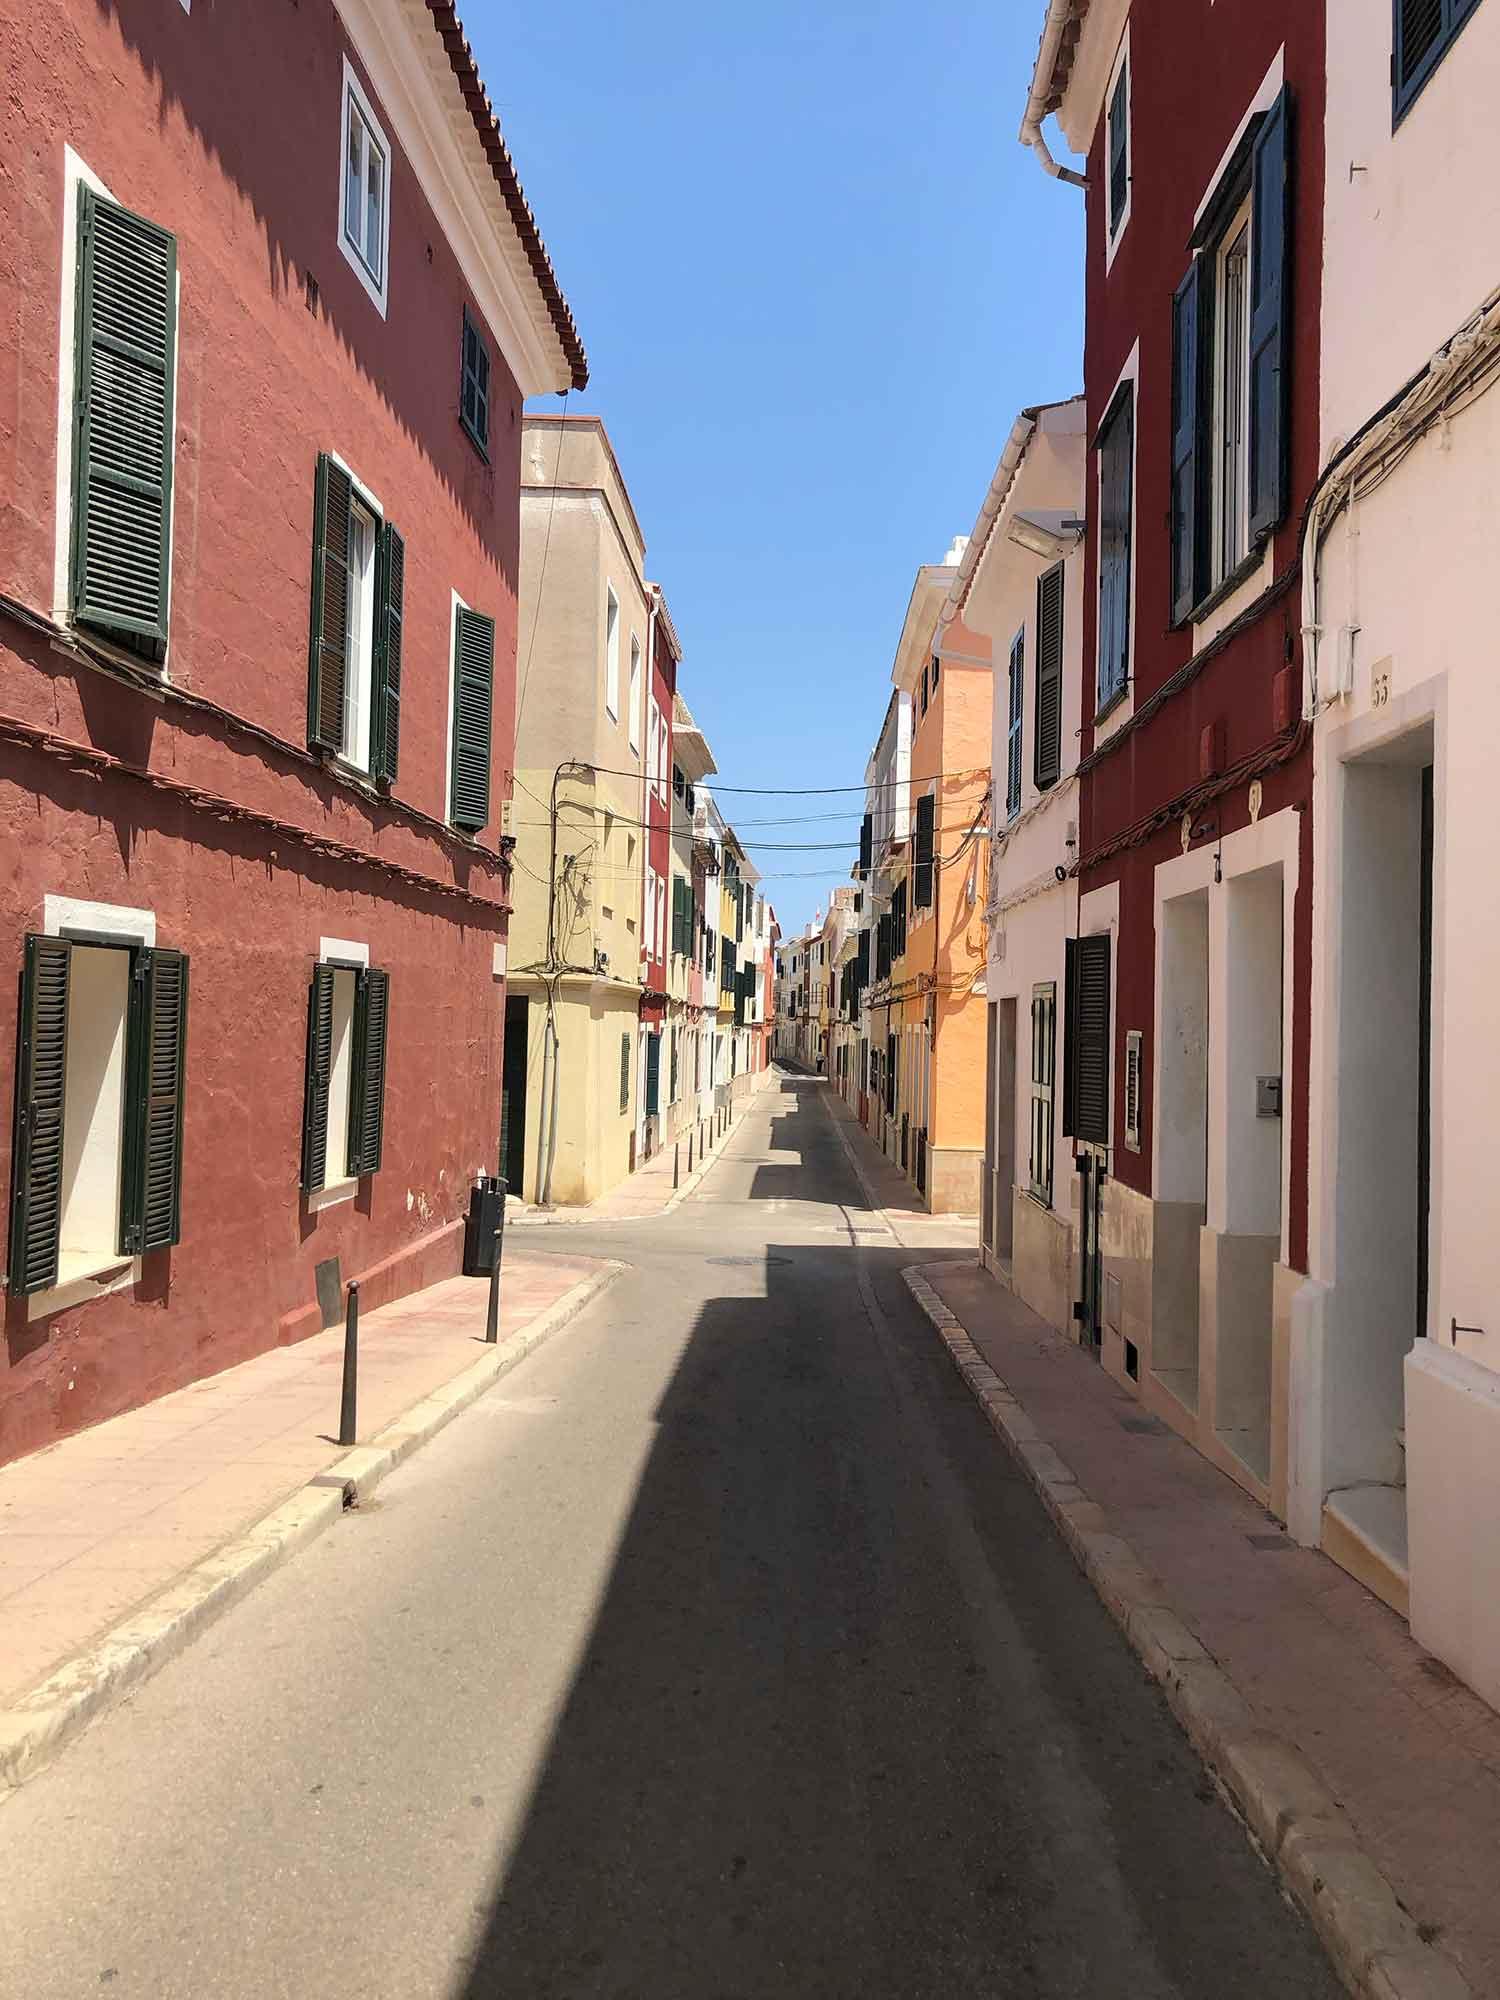 Narrow street traditional houses Mahon holiday